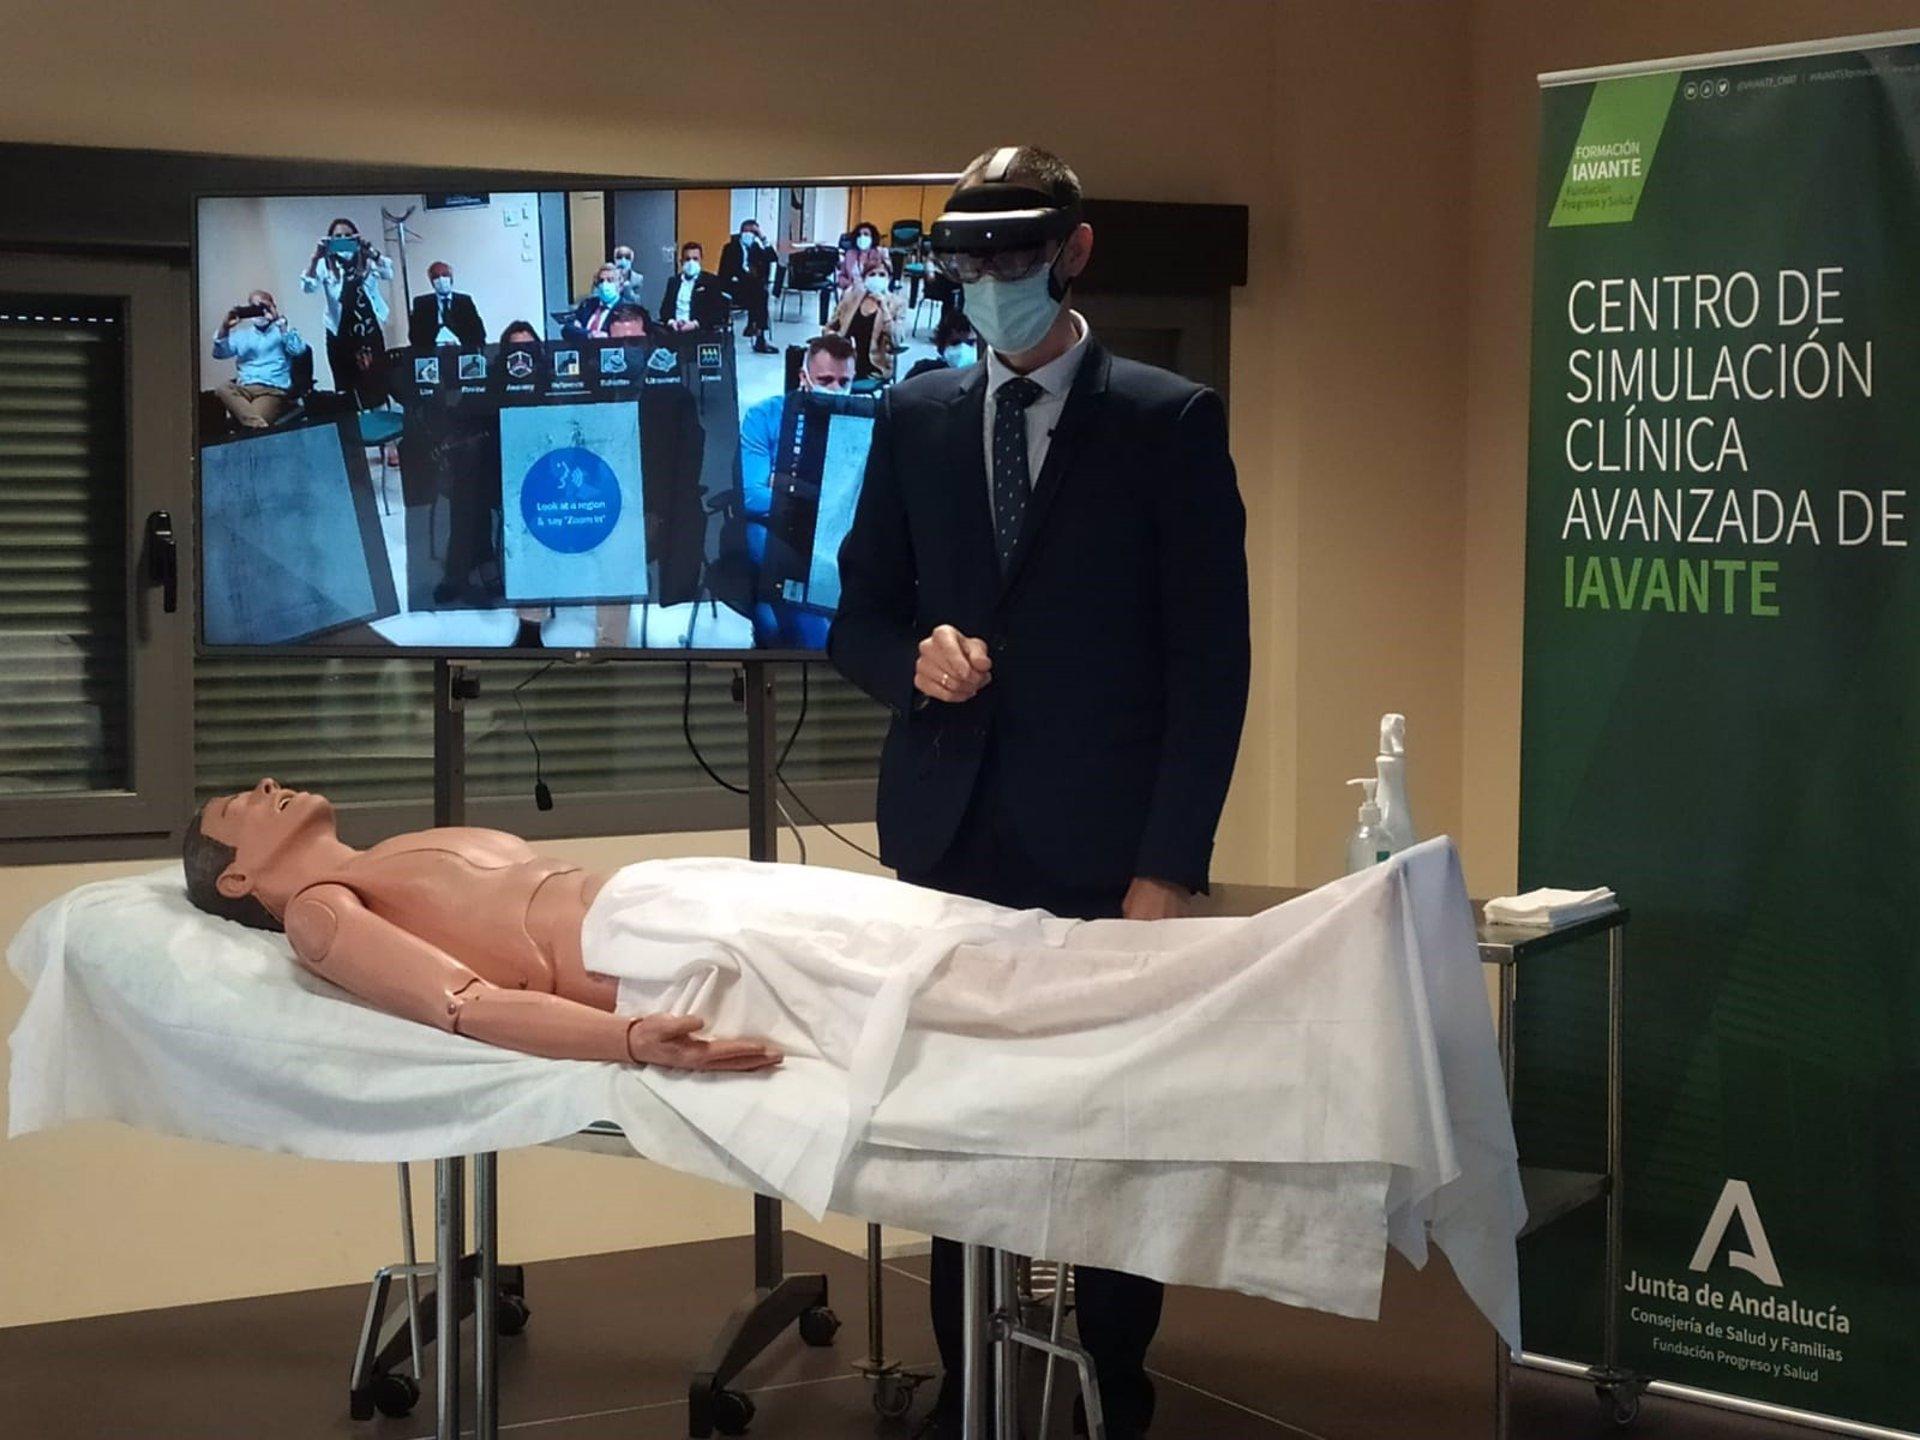 El centro de simulación clínica de Granada, «a la vanguardia» en realidad virtual aplicada a la sanidad